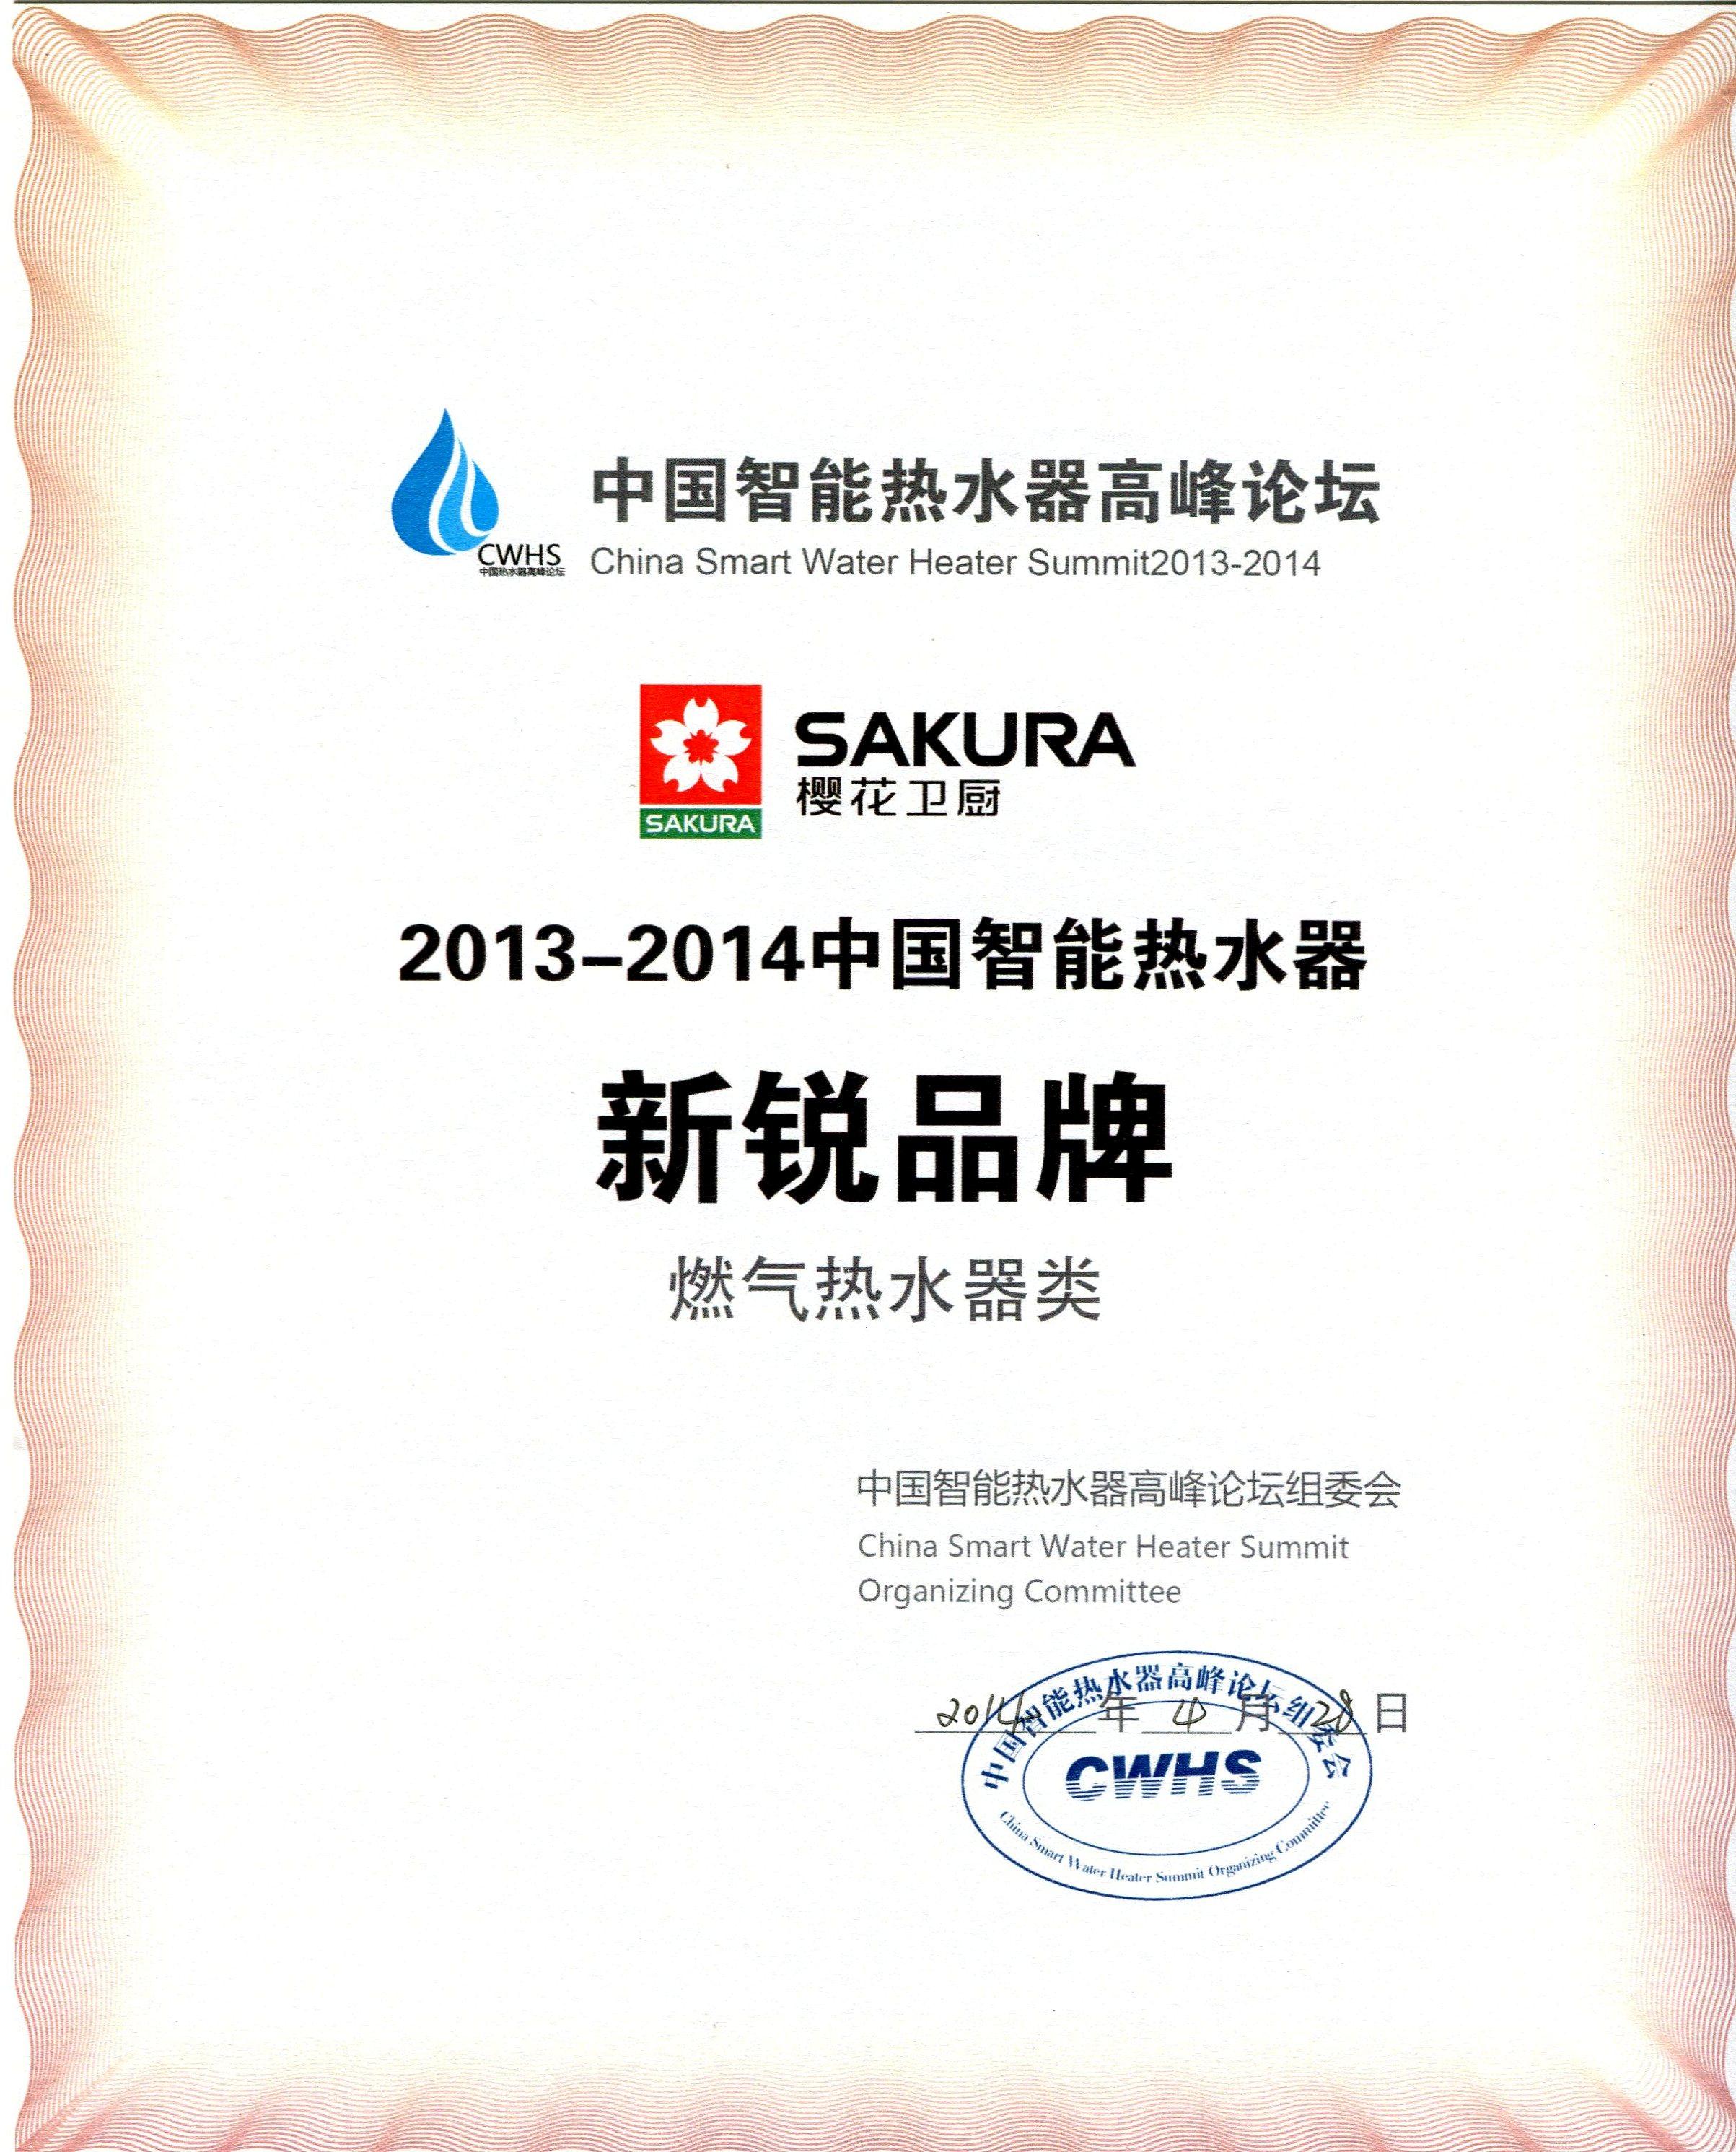 """樱花卫厨荣膺 """"2013—2014中国智能热水器新锐品牌"""""""